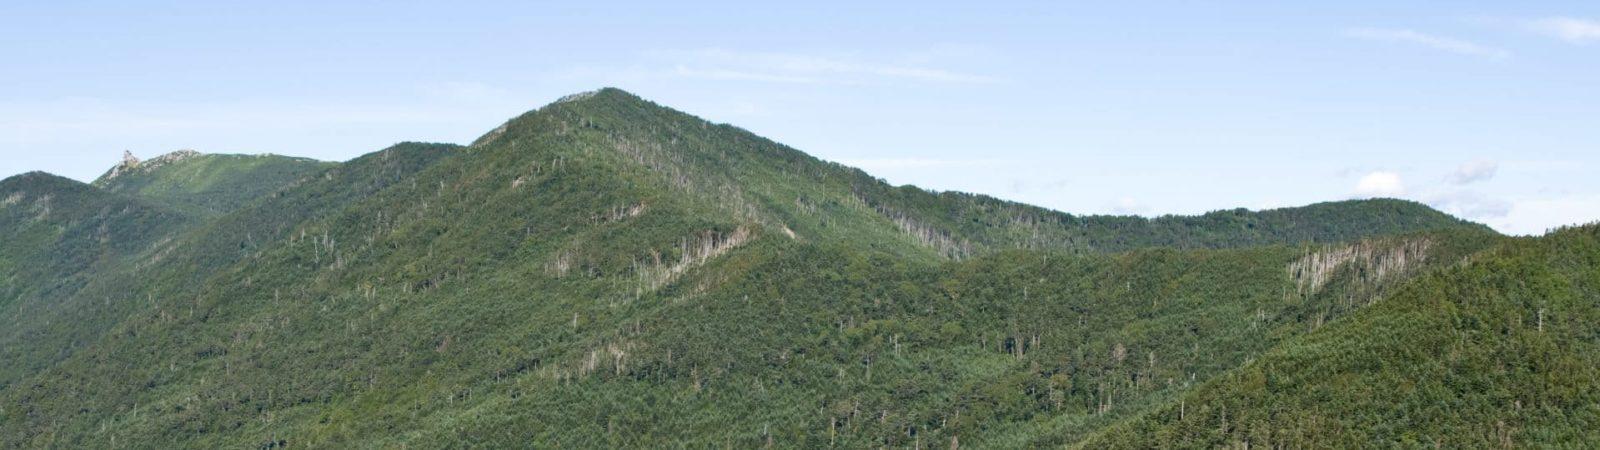 2-day hiking traverse in Daisetsuzan from Hakuundake to Asahidake